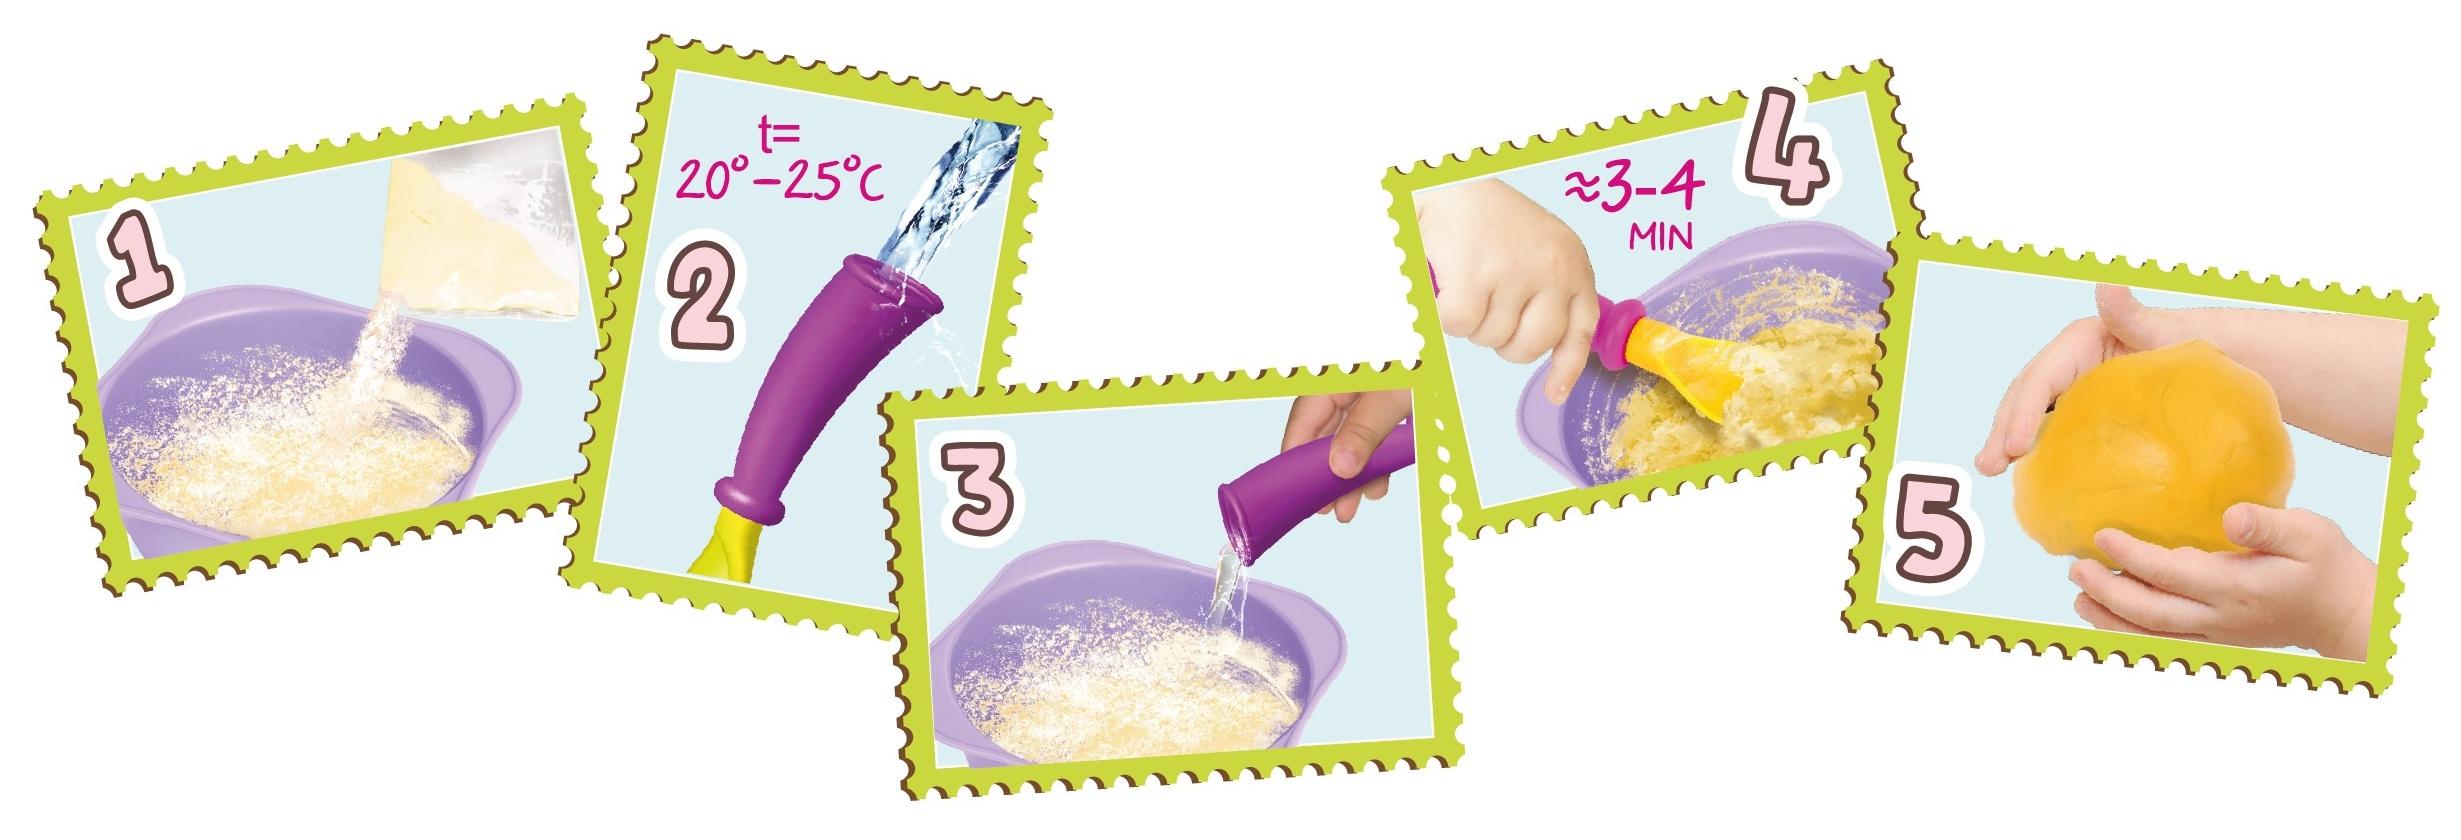 Набор смесей для лепки TrueDough Сладкий апельсин и Виноградно-фиолетовый